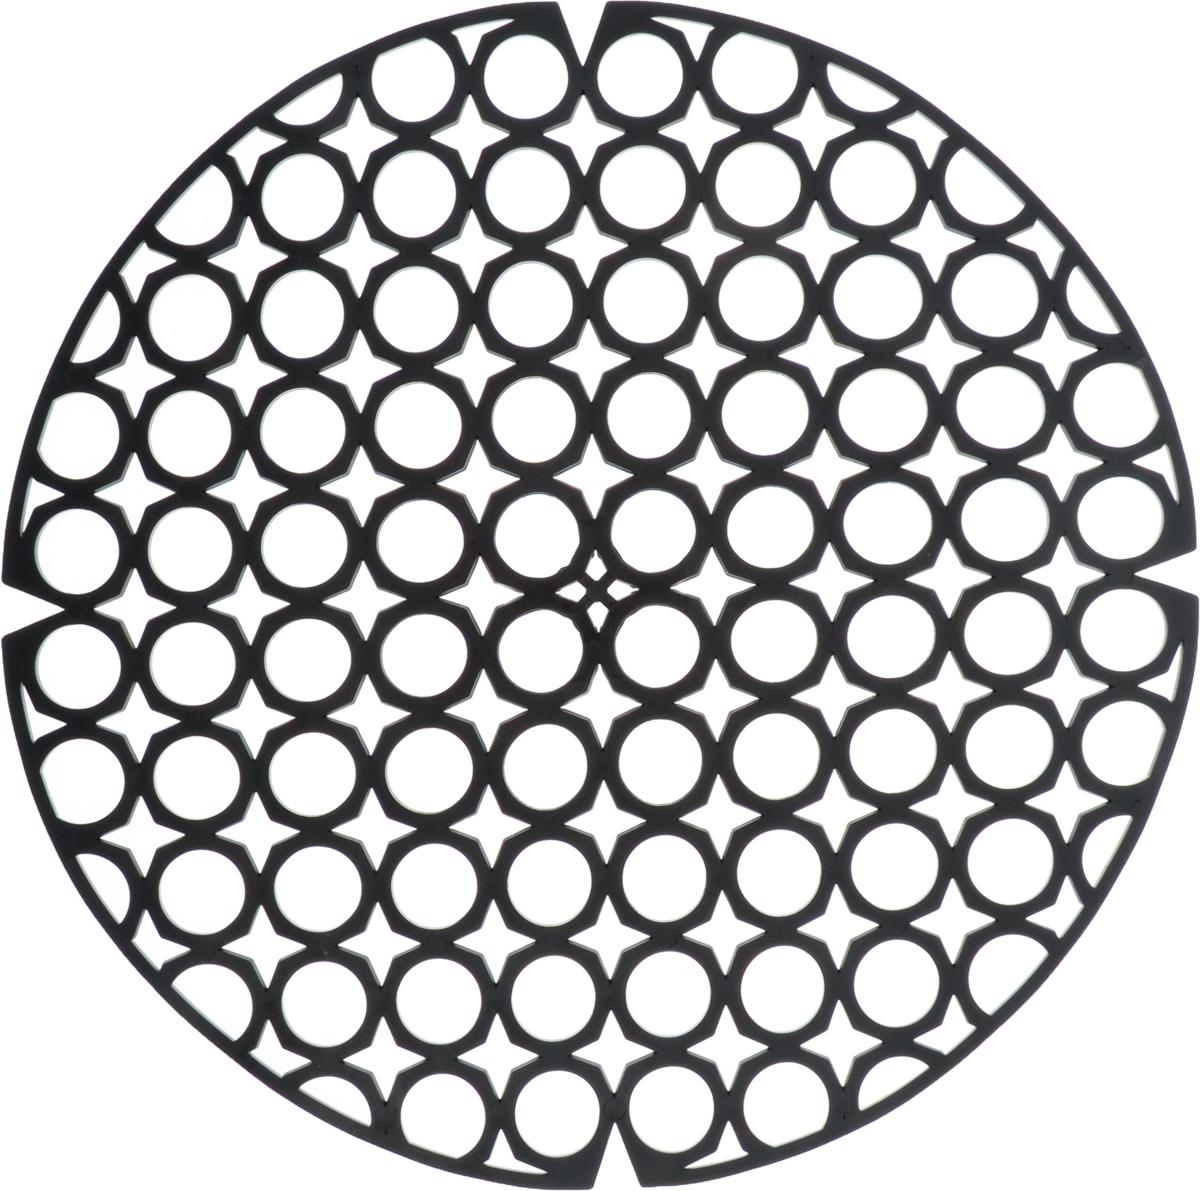 Коврик для раковины York, цвет: черный, диаметр 27,5 см9560/095600_черныйСтильный и удобный коврик для раковины York изготовлен из сложных полимеров. Он одновременно выполняет несколько функций: украшает, защищает мойку от царапин и сколов, смягчает удары при падении посуды в мойку. Коврик также можно использовать для сушки посуды, фруктов и овощей. Он легко очищается от грязи и жира. Диаметр: 27,5 см.